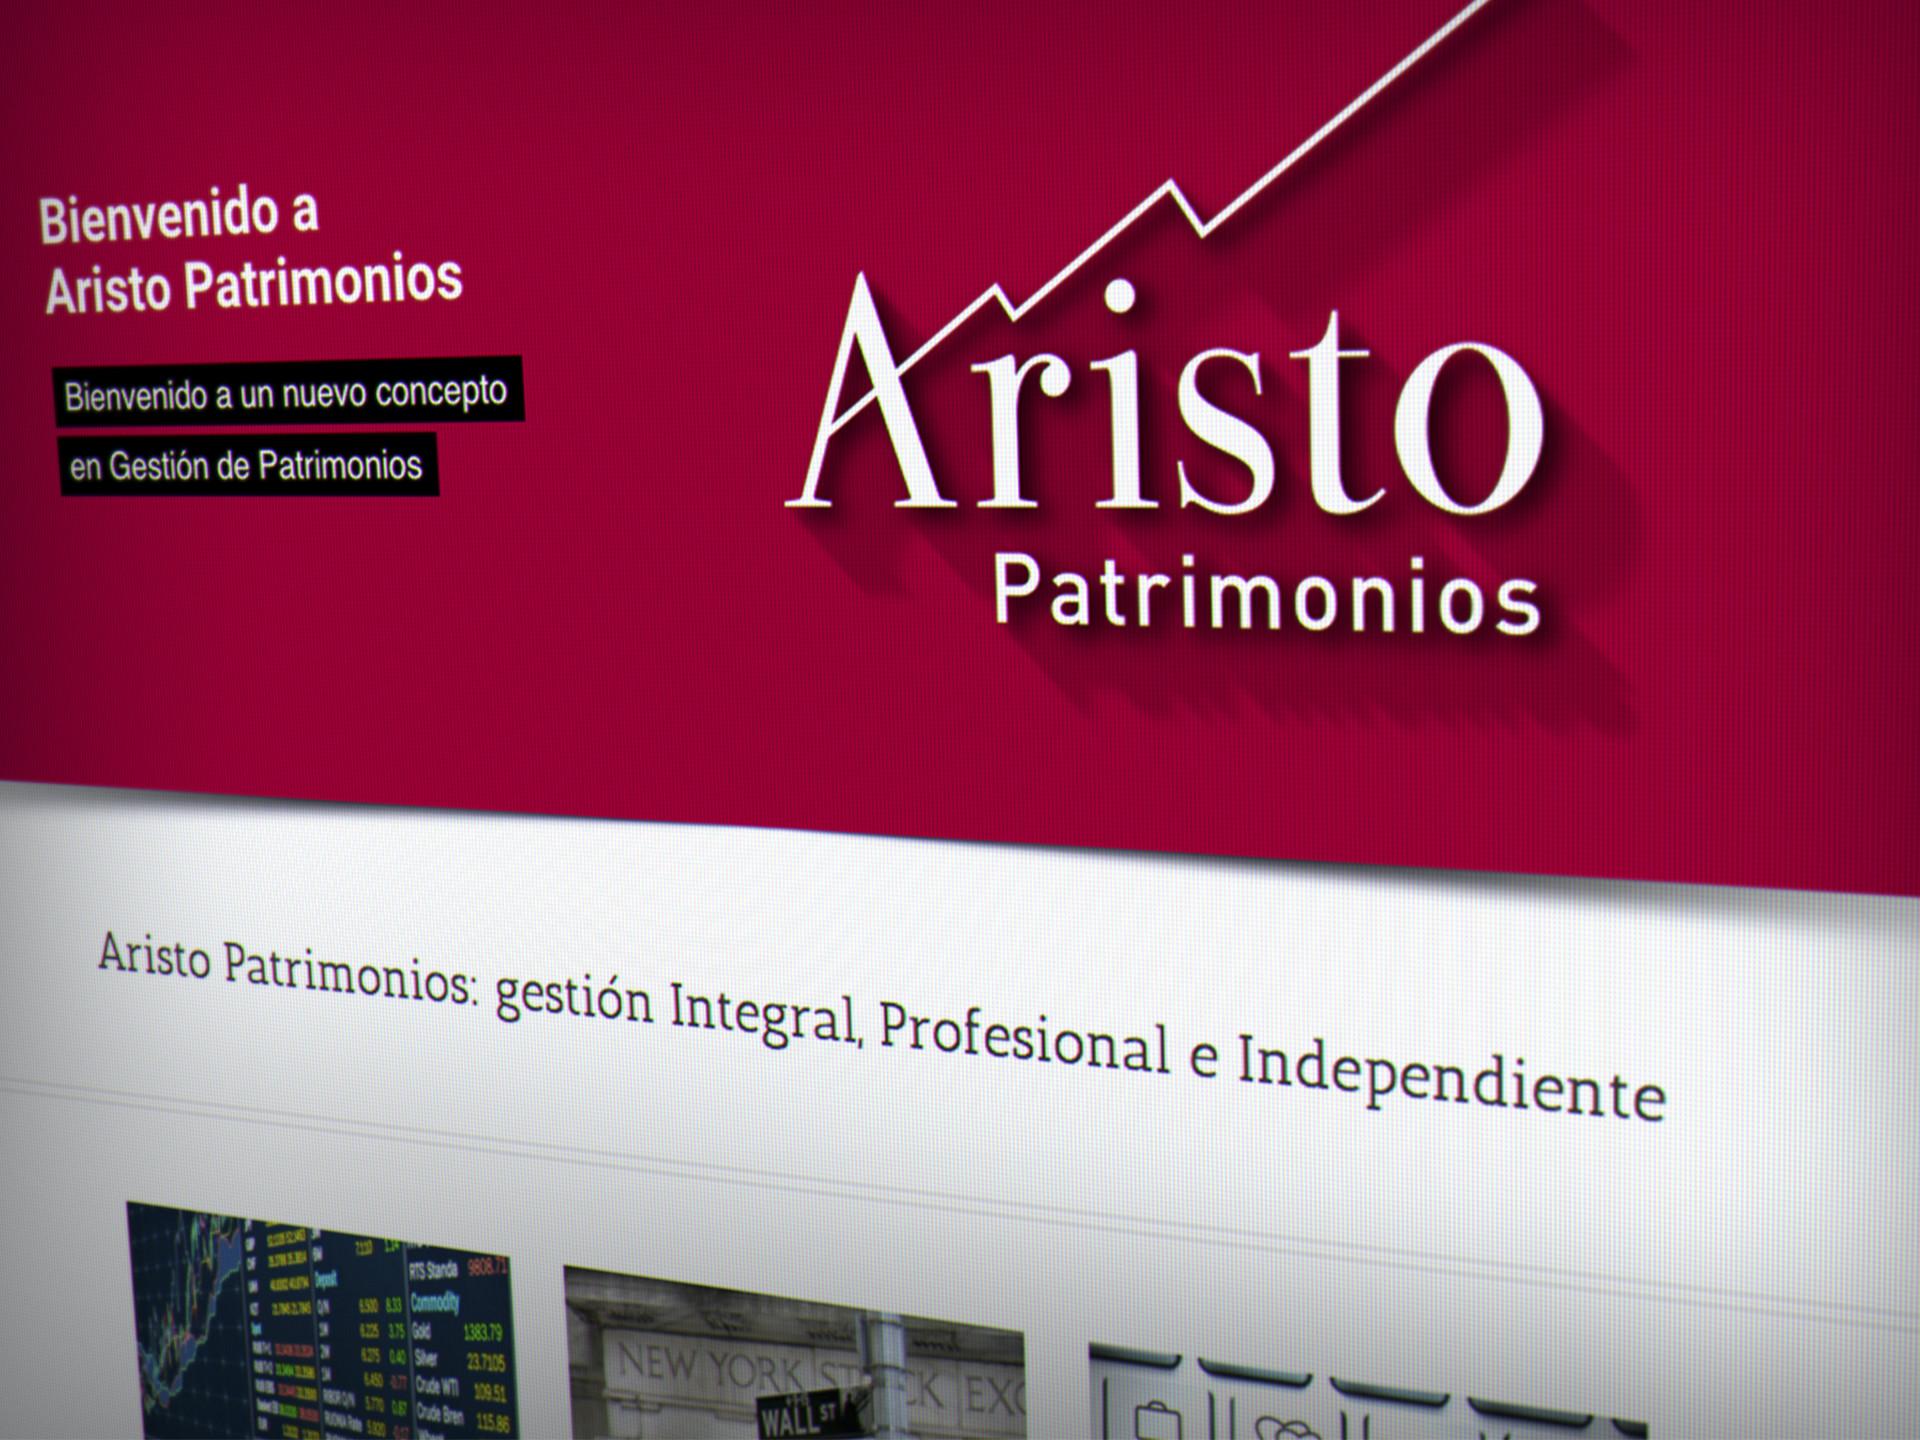 diseño web gestión patrimonio aristo